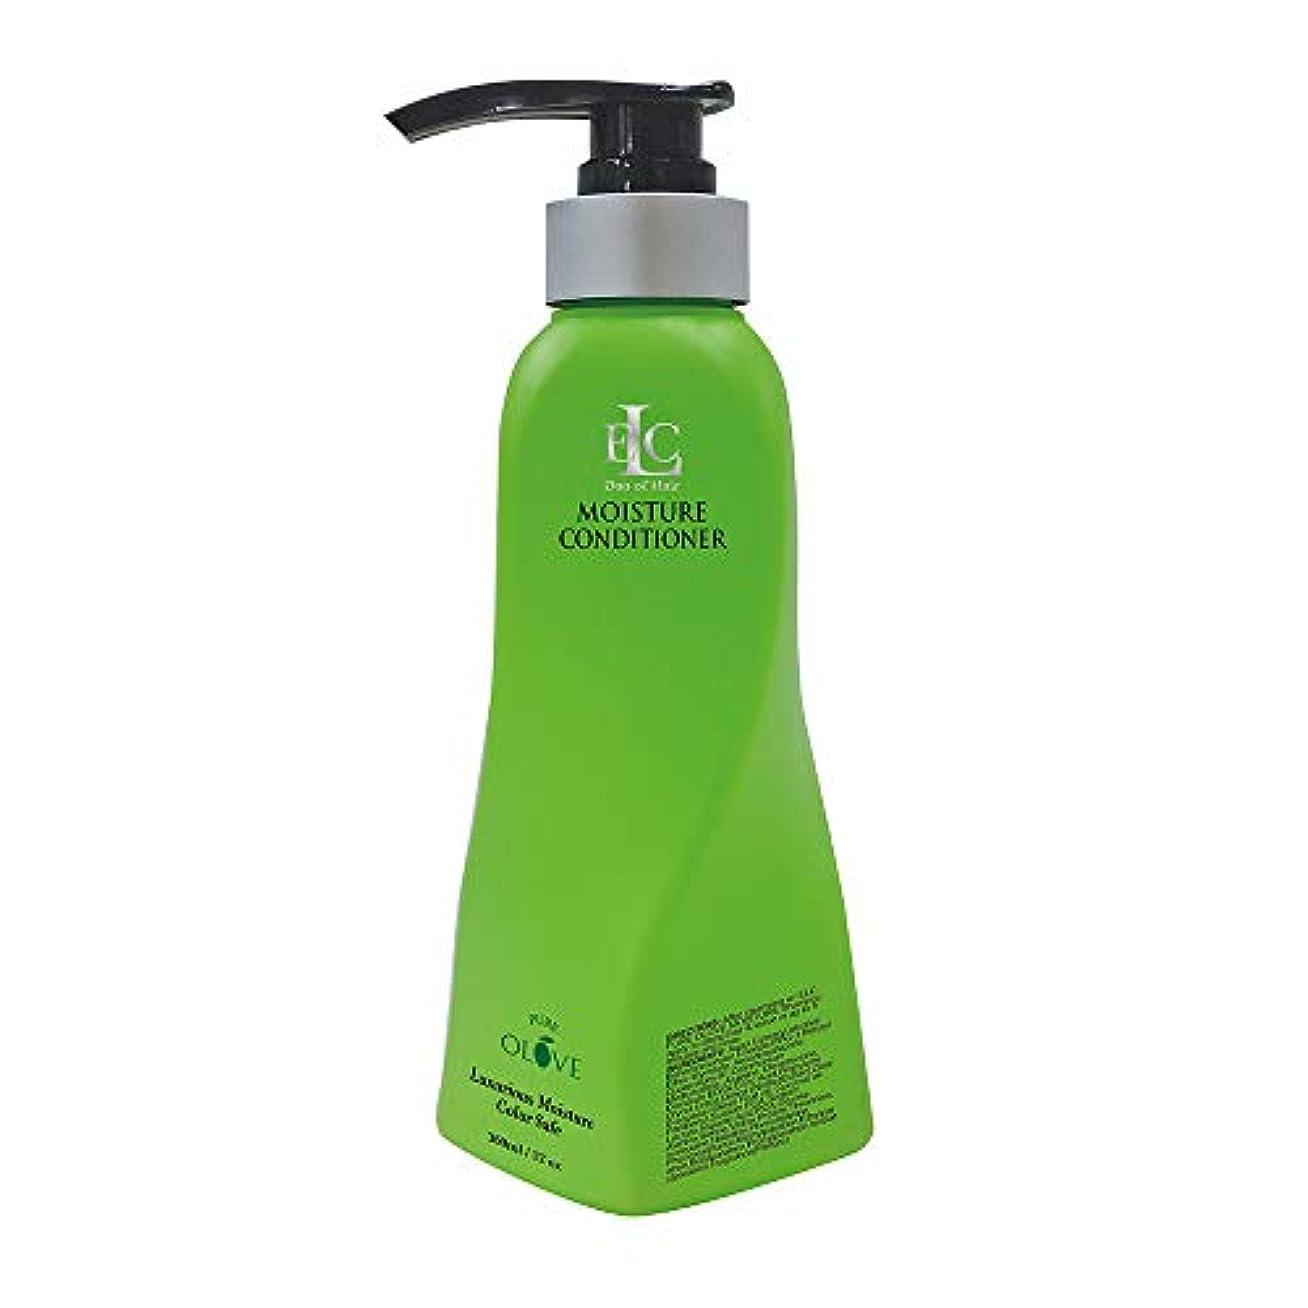 スキープレートファンタジーELC Dao of Hair ELCピュアOloveモイスチャライジングコンディショナー - モイスチャーリッチナチュラルボタニカル&有機油は、栄養を与え、修理、強化、ドライ髪を再水和 12オンス